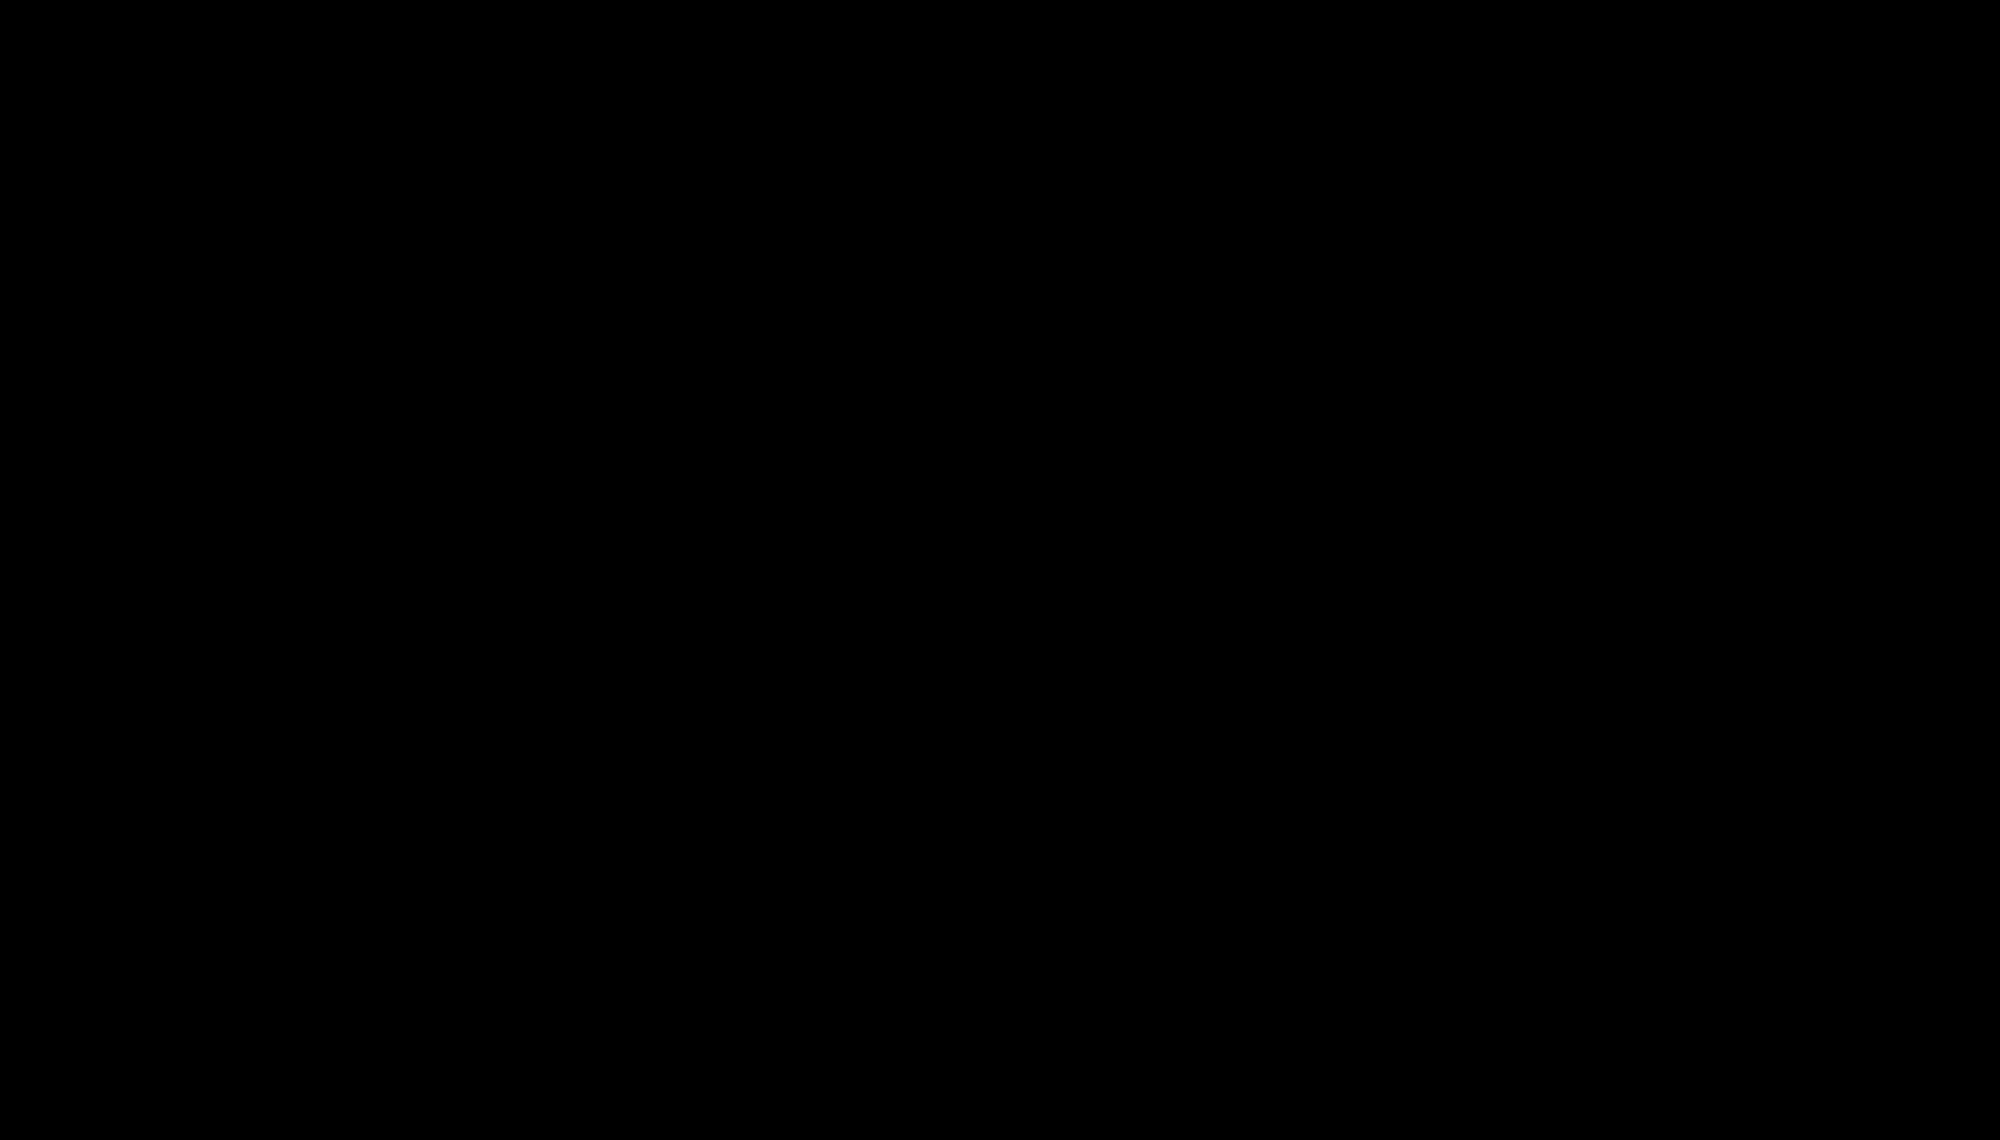 Related image (con imágenes) Flor de loto dibujo